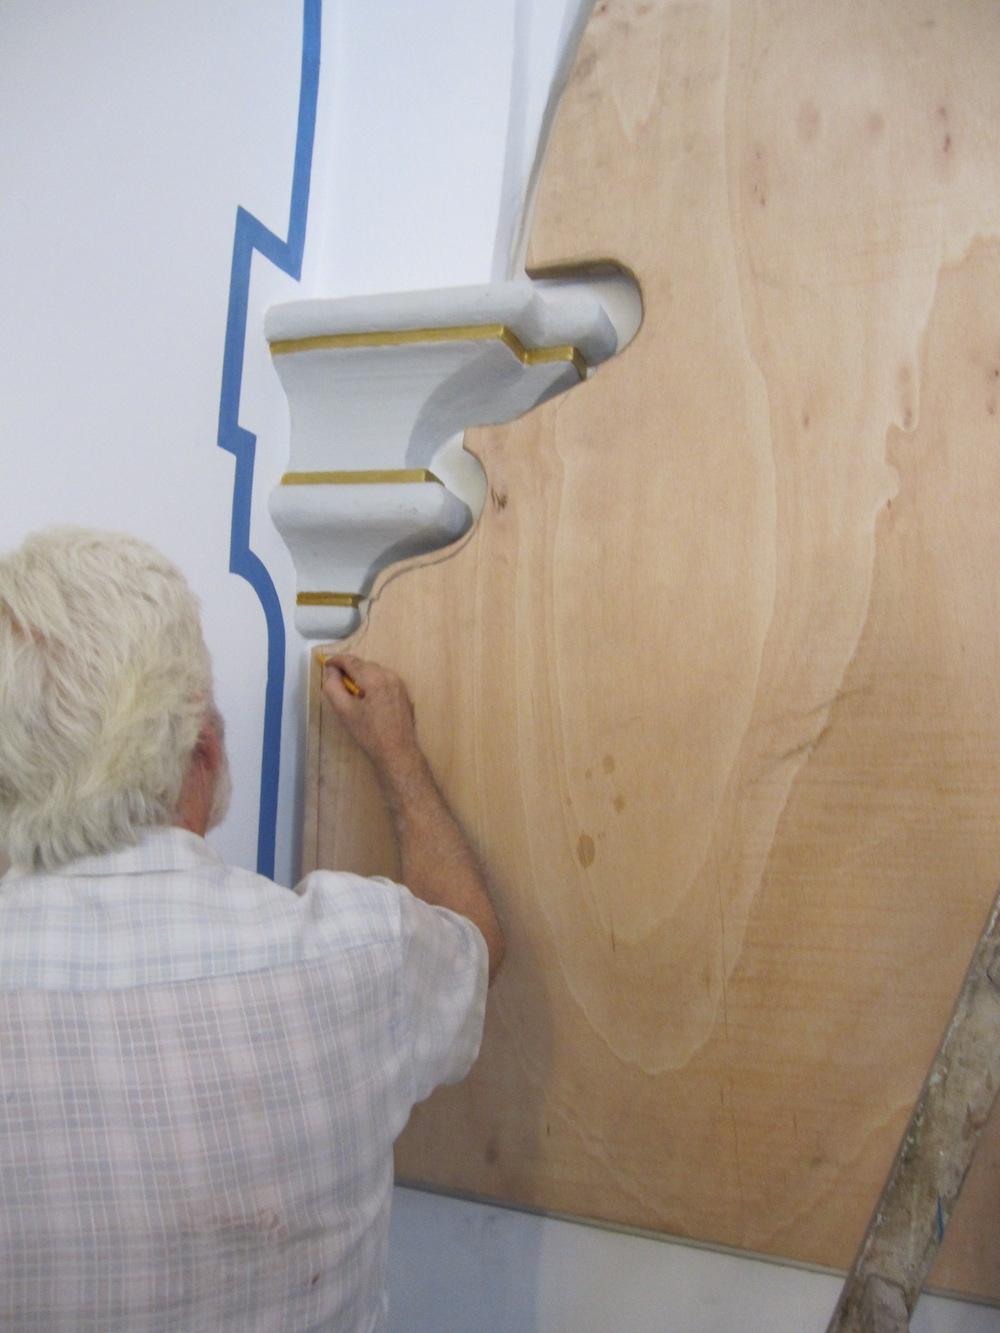 Para que el bastidor se ajuste a la voluta de la pared, hay que recortarlo siguiendo perfectamente el dibujo.